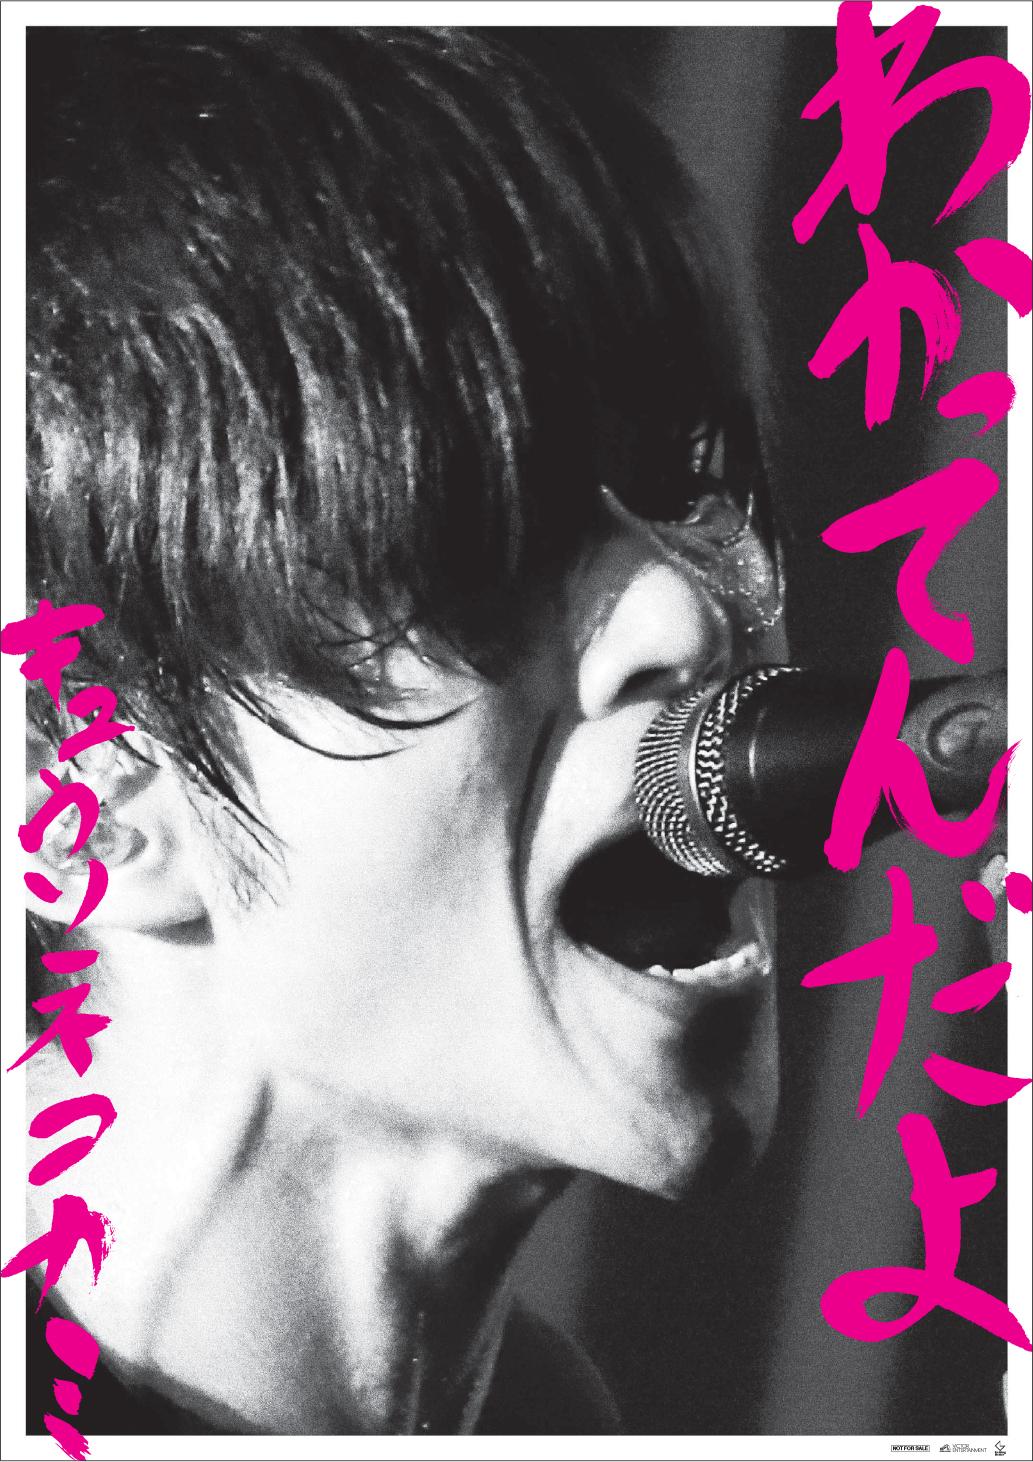 キュウソネコカミ「わかってんだよ」ポスター/HMV